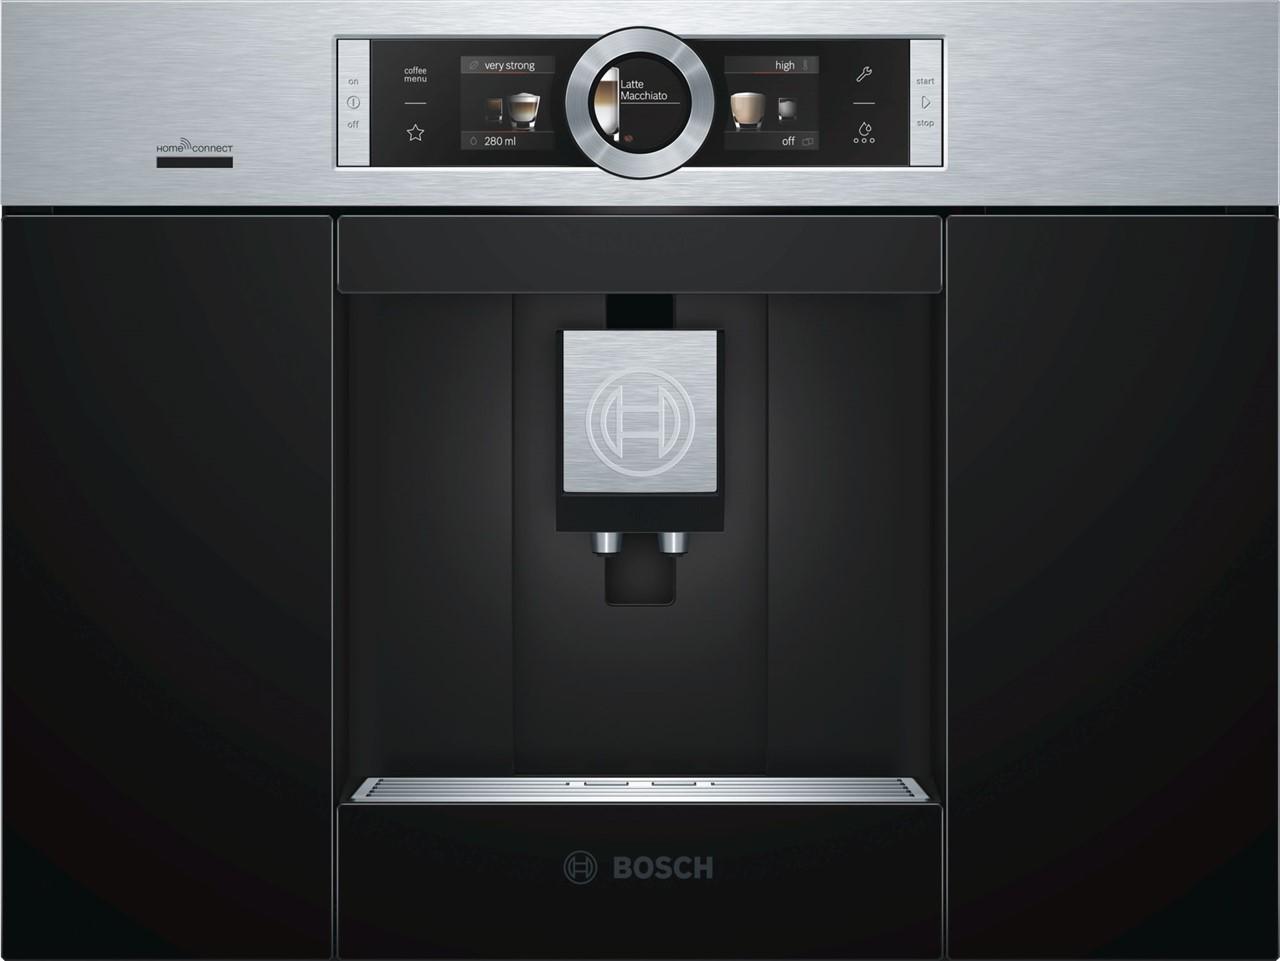 Bosch Kühlschrank Home Connect : Bosch einbau espresso kaffeevollautomat edelstahl ctl636es6 silver